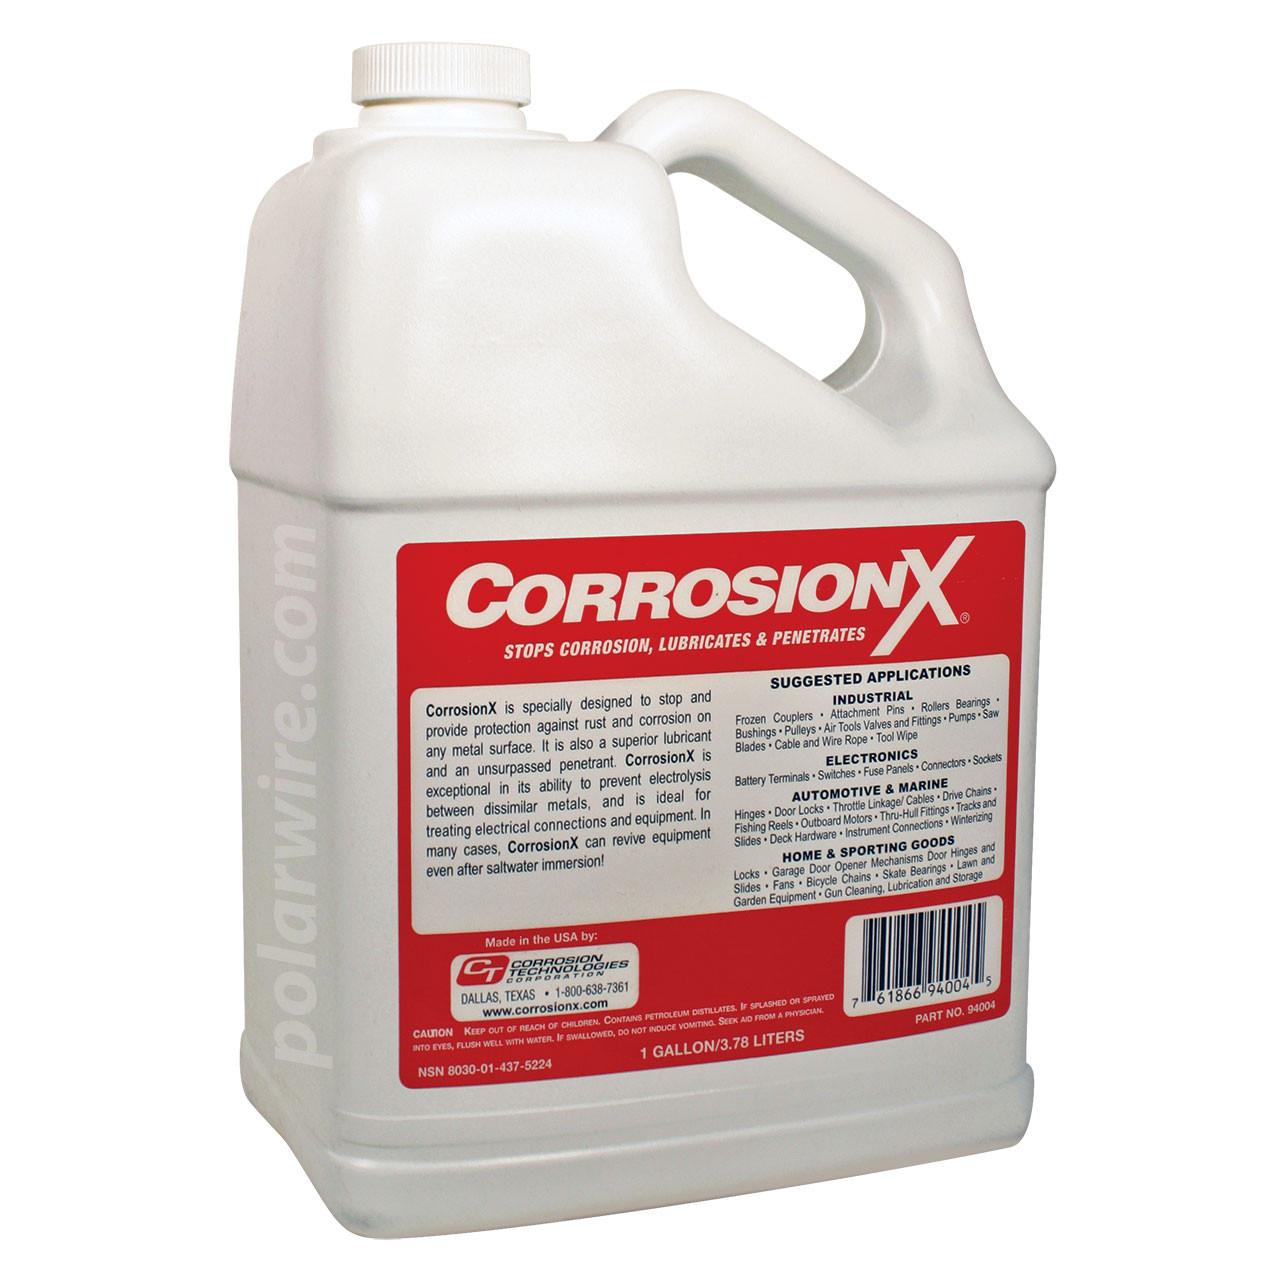 CORROSION X GALLON REFILL